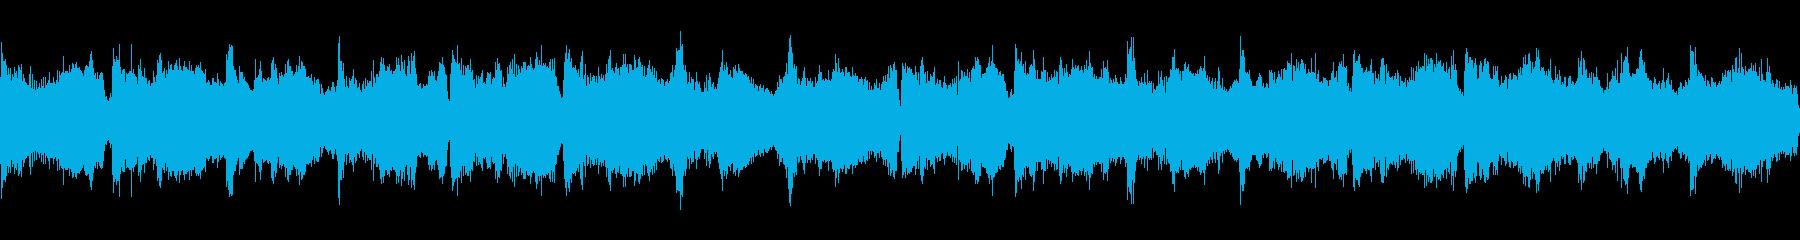 幻想的で落ち着いたアンビエント4 ループの再生済みの波形